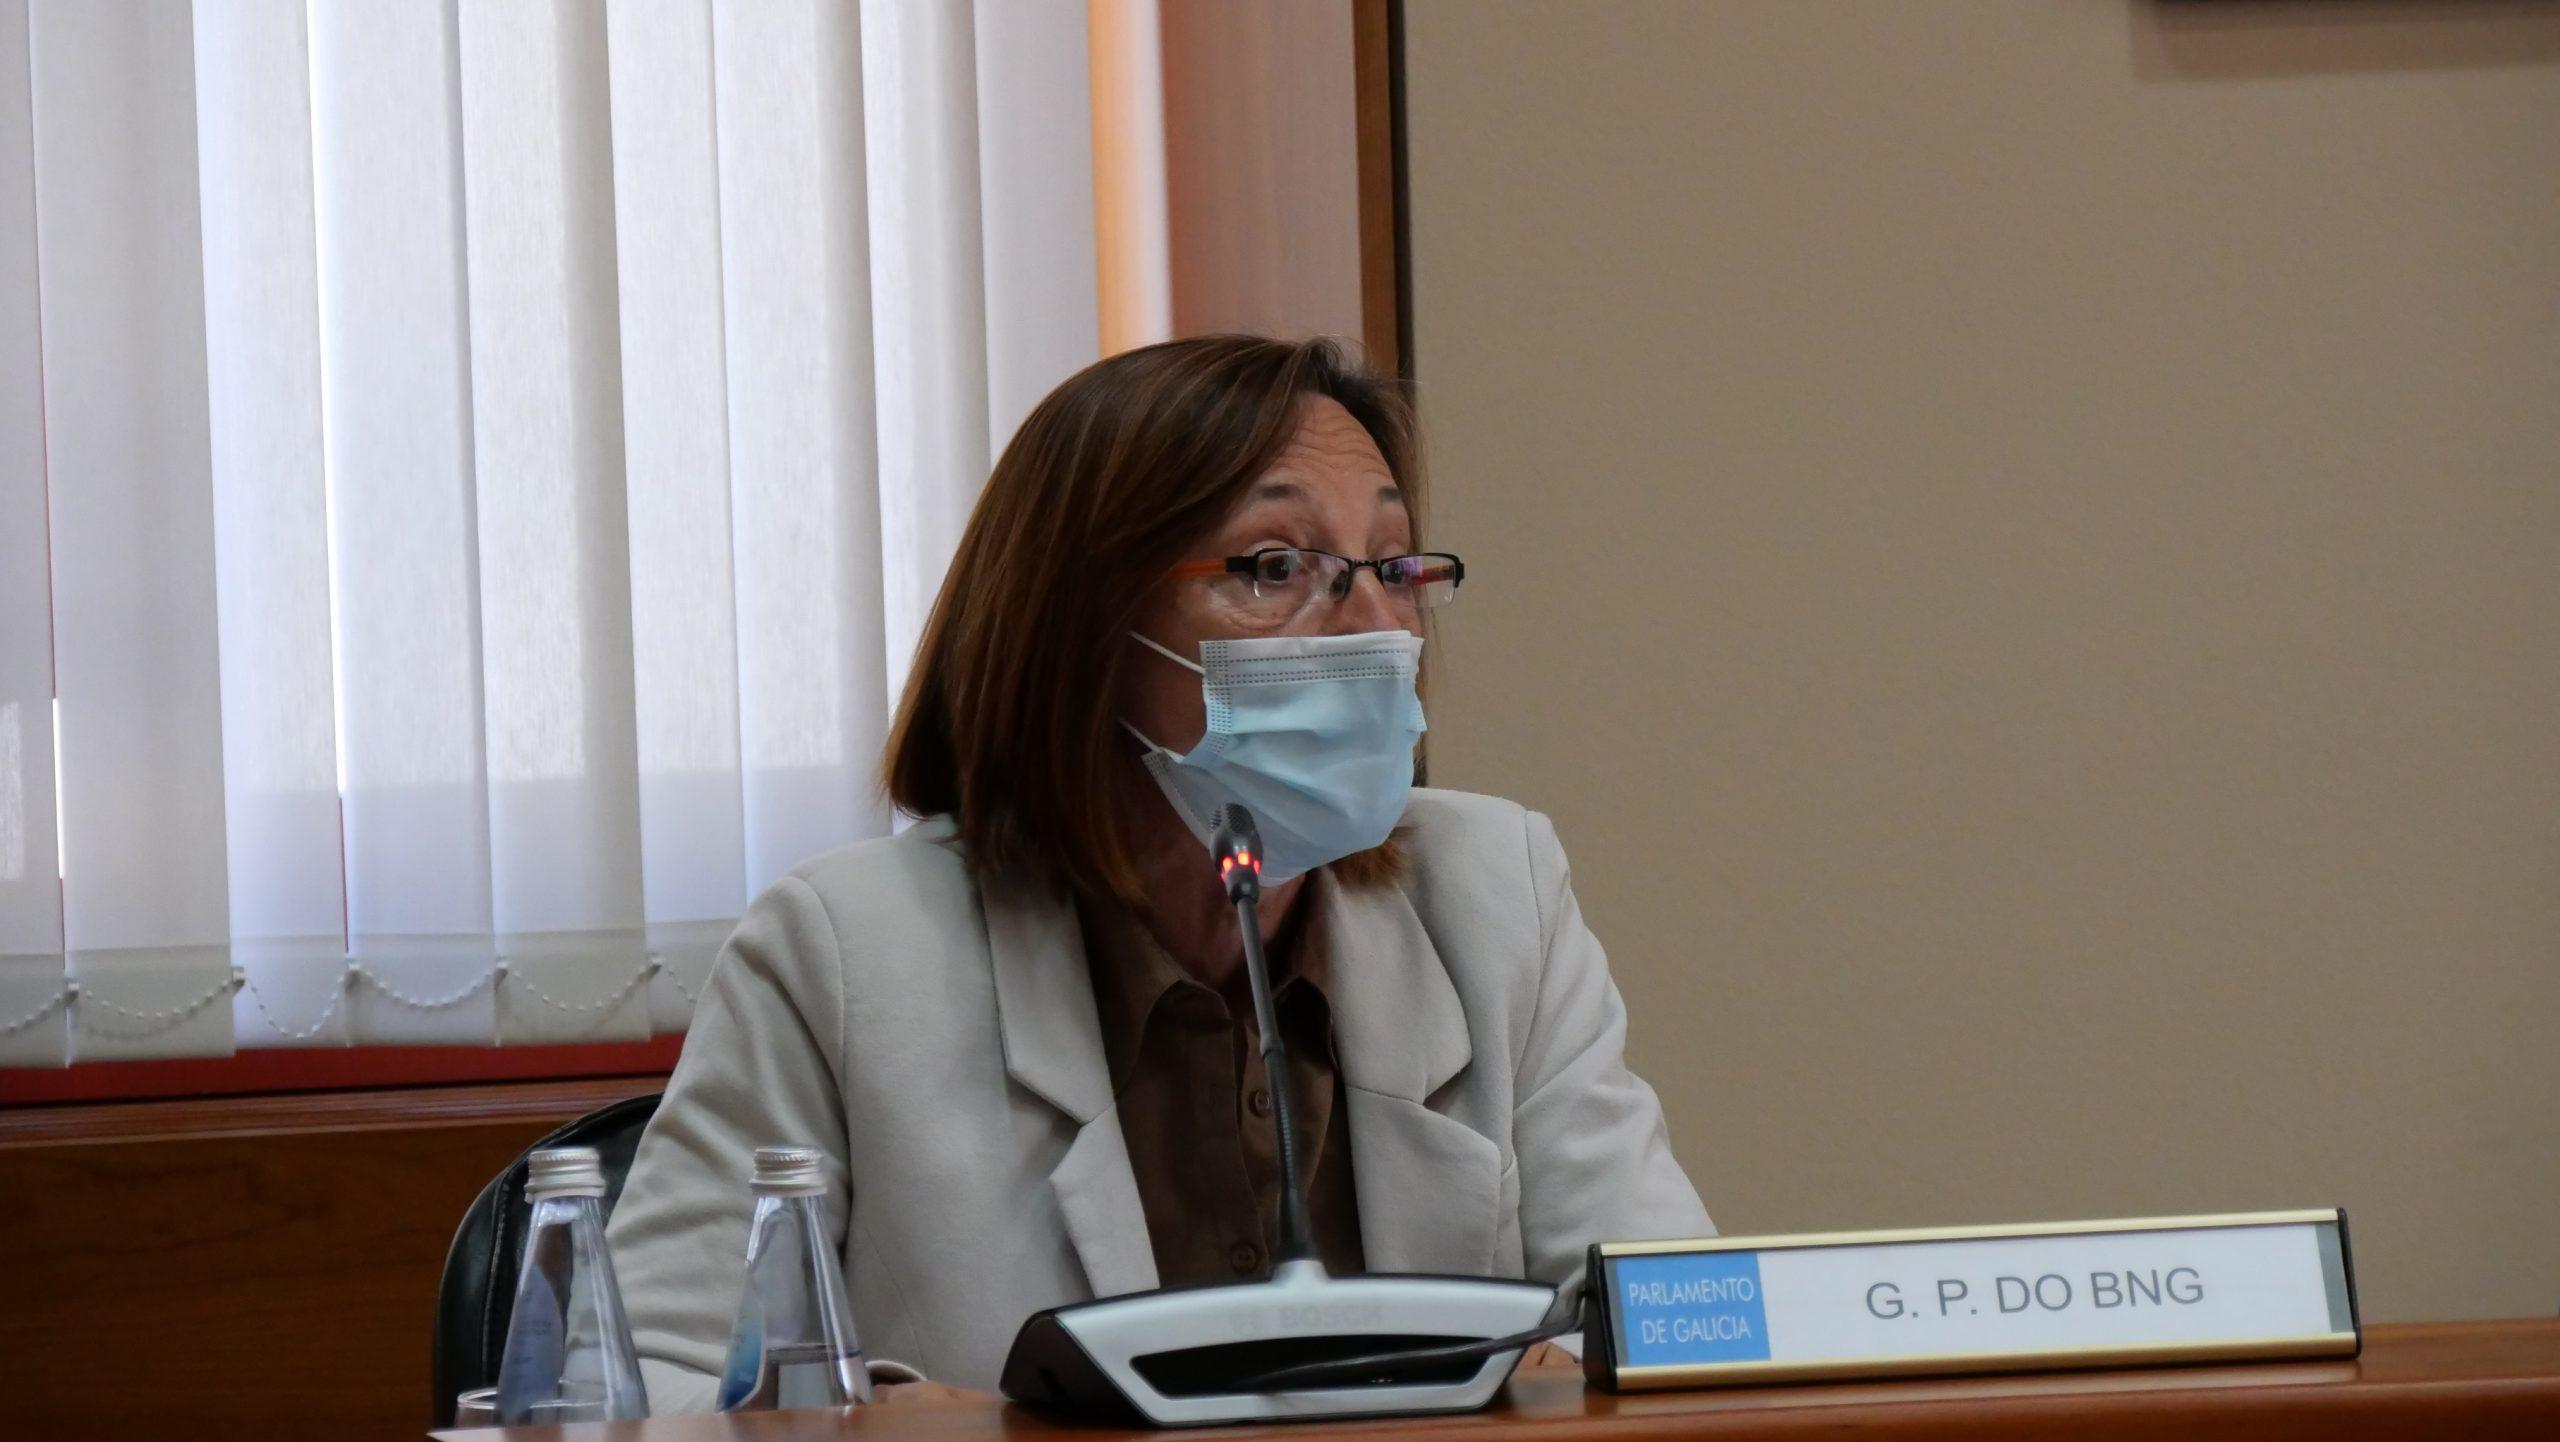 """O BNG pide a retirada do recurso do  estado contra o Plan de marisqueo en Galicia, que cualifica de  """"inxerencia"""" nas  competencias da Xunta"""